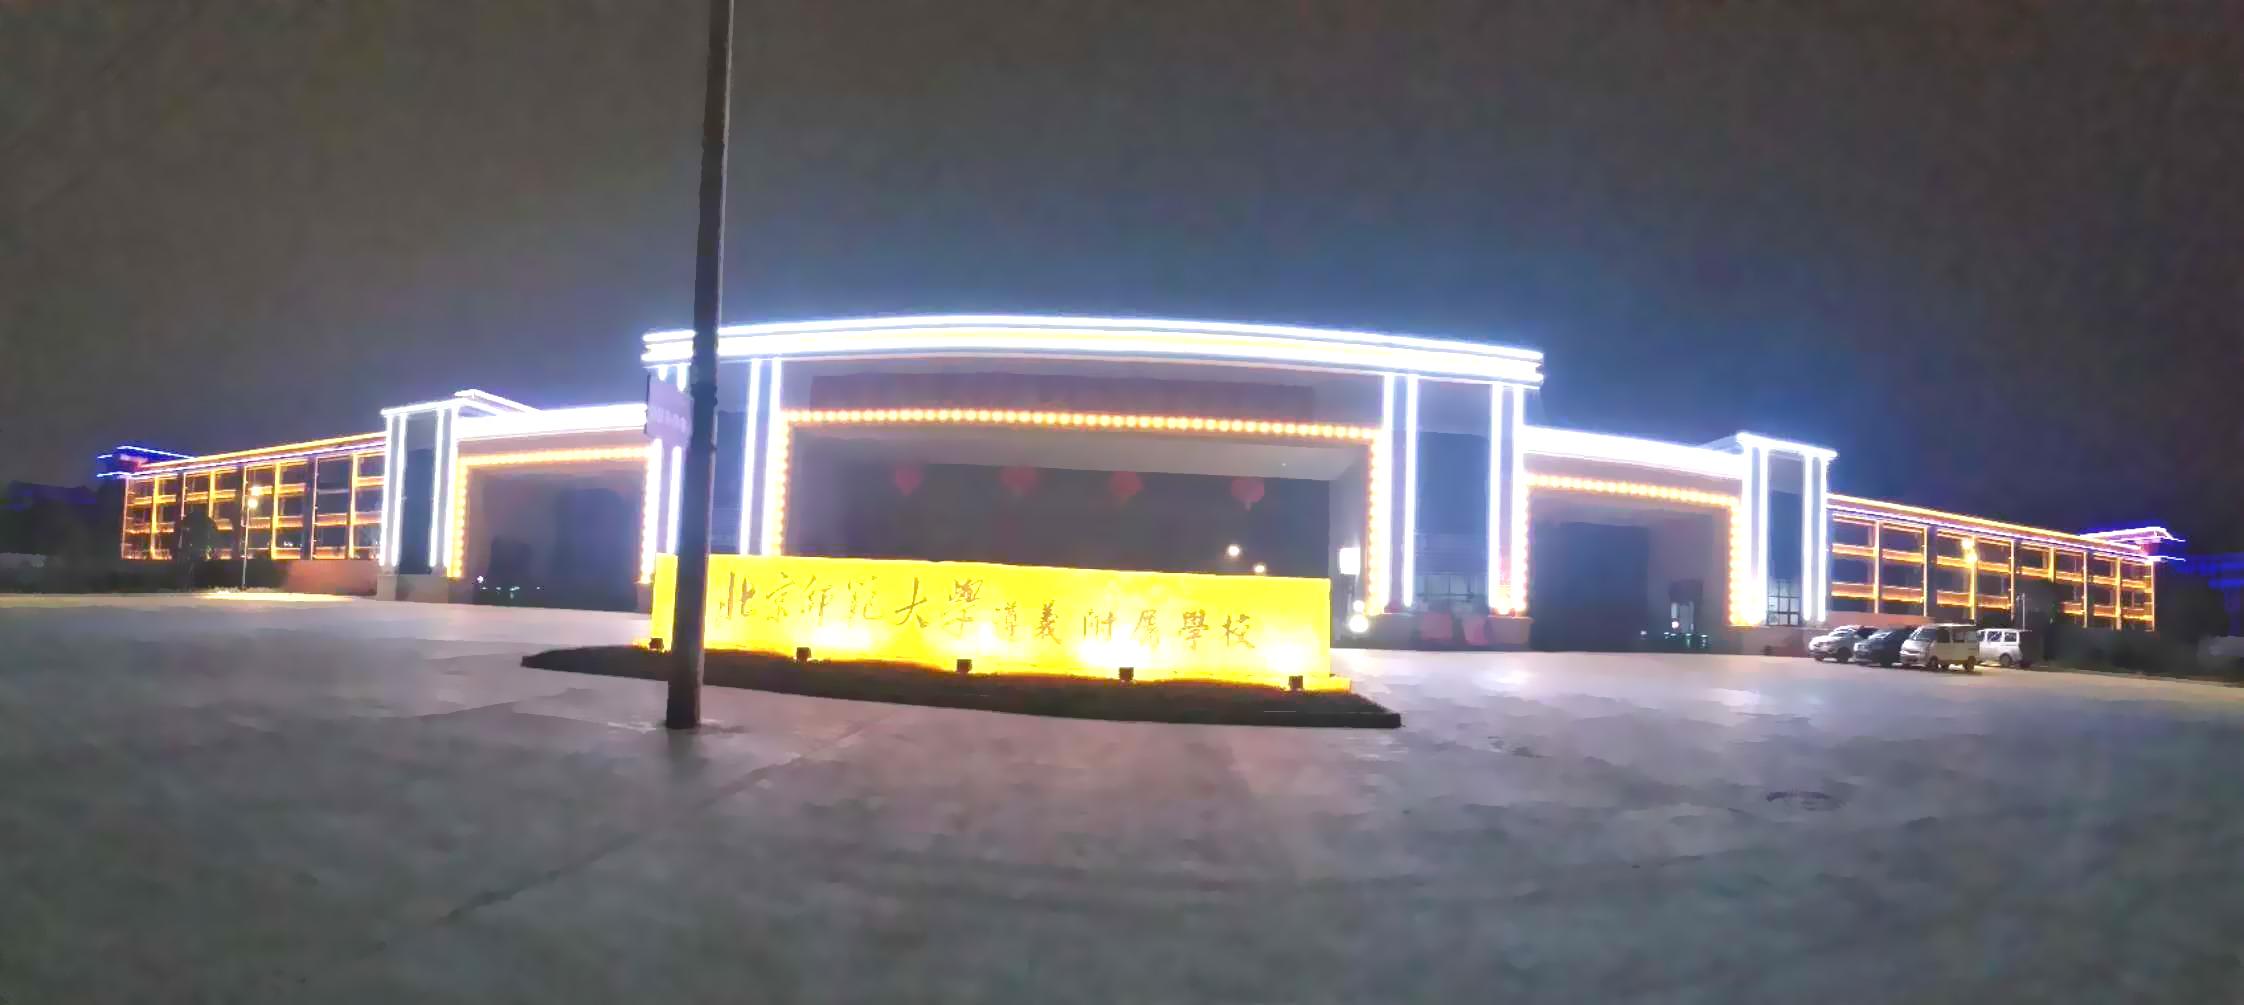 學校建筑外墻洗墻燈的應用效果